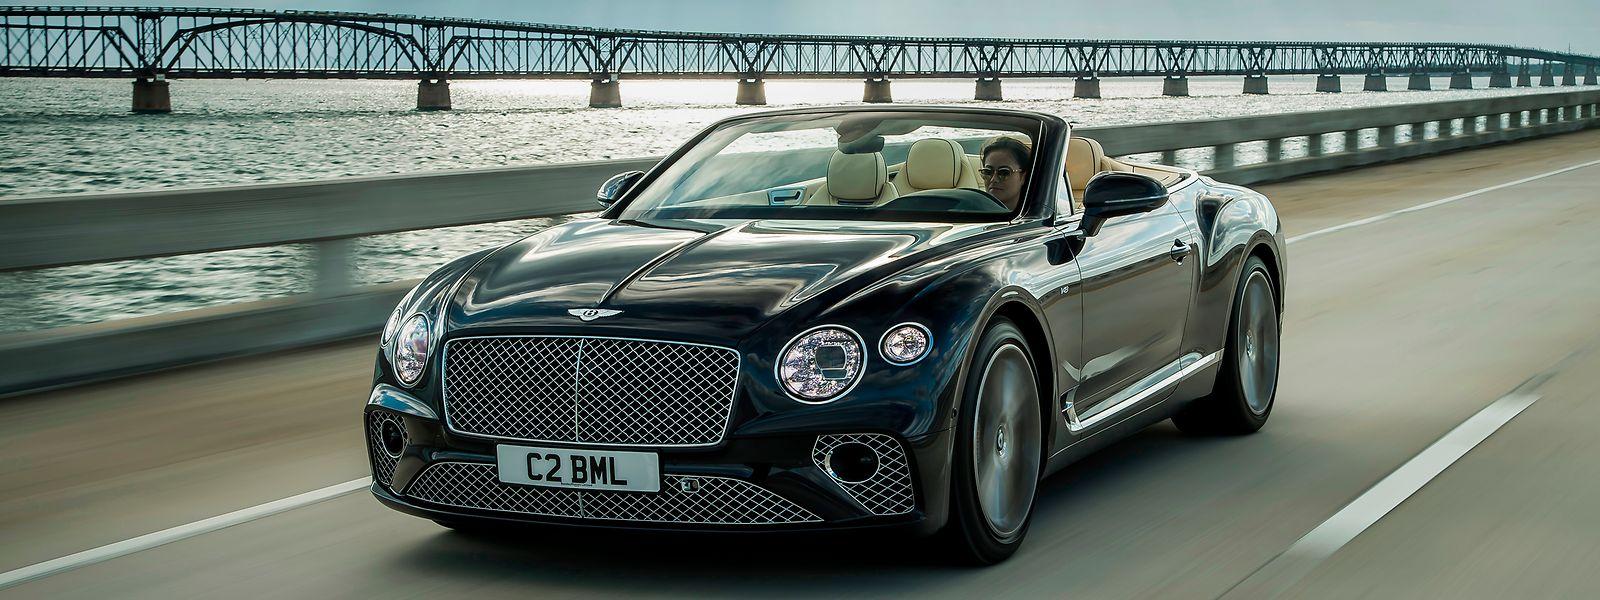 Höchste Design- und Ingenieurskunst sowie viel Liebe fürs Detail prägen den Continental GT Convertible V8 von Bentley.